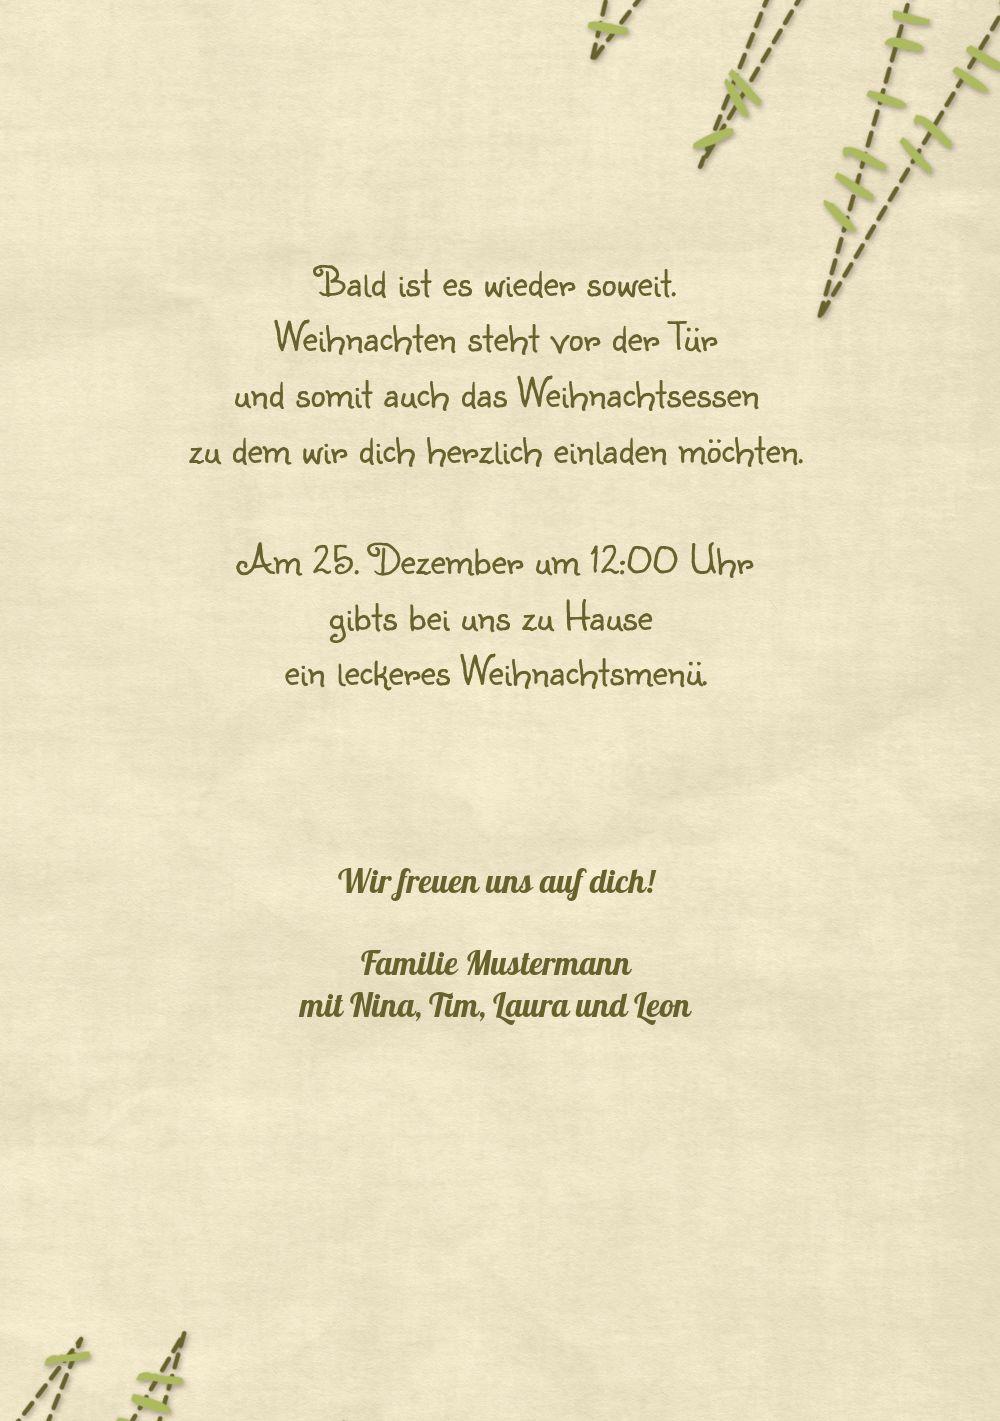 Ansicht 5 - Einladung Nahtbaum